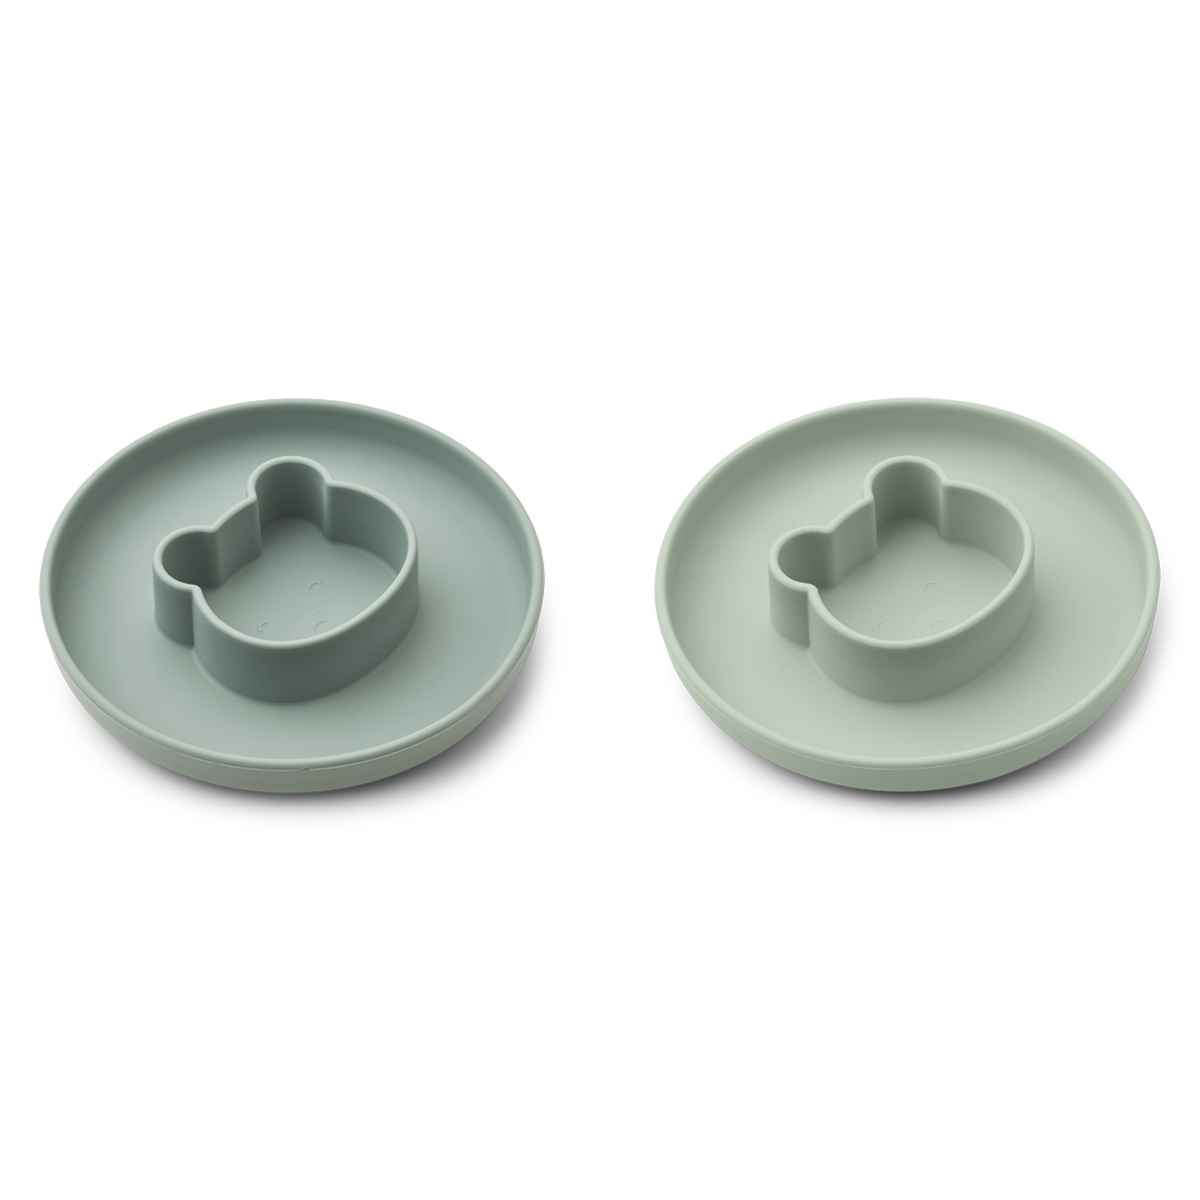 Vaisselle & Couvert Lot de 2 Assiettes Gordon - Mr Bear Mint Mix Lot de 2 Assiettes Gordon - Mr Bear Mint Mix